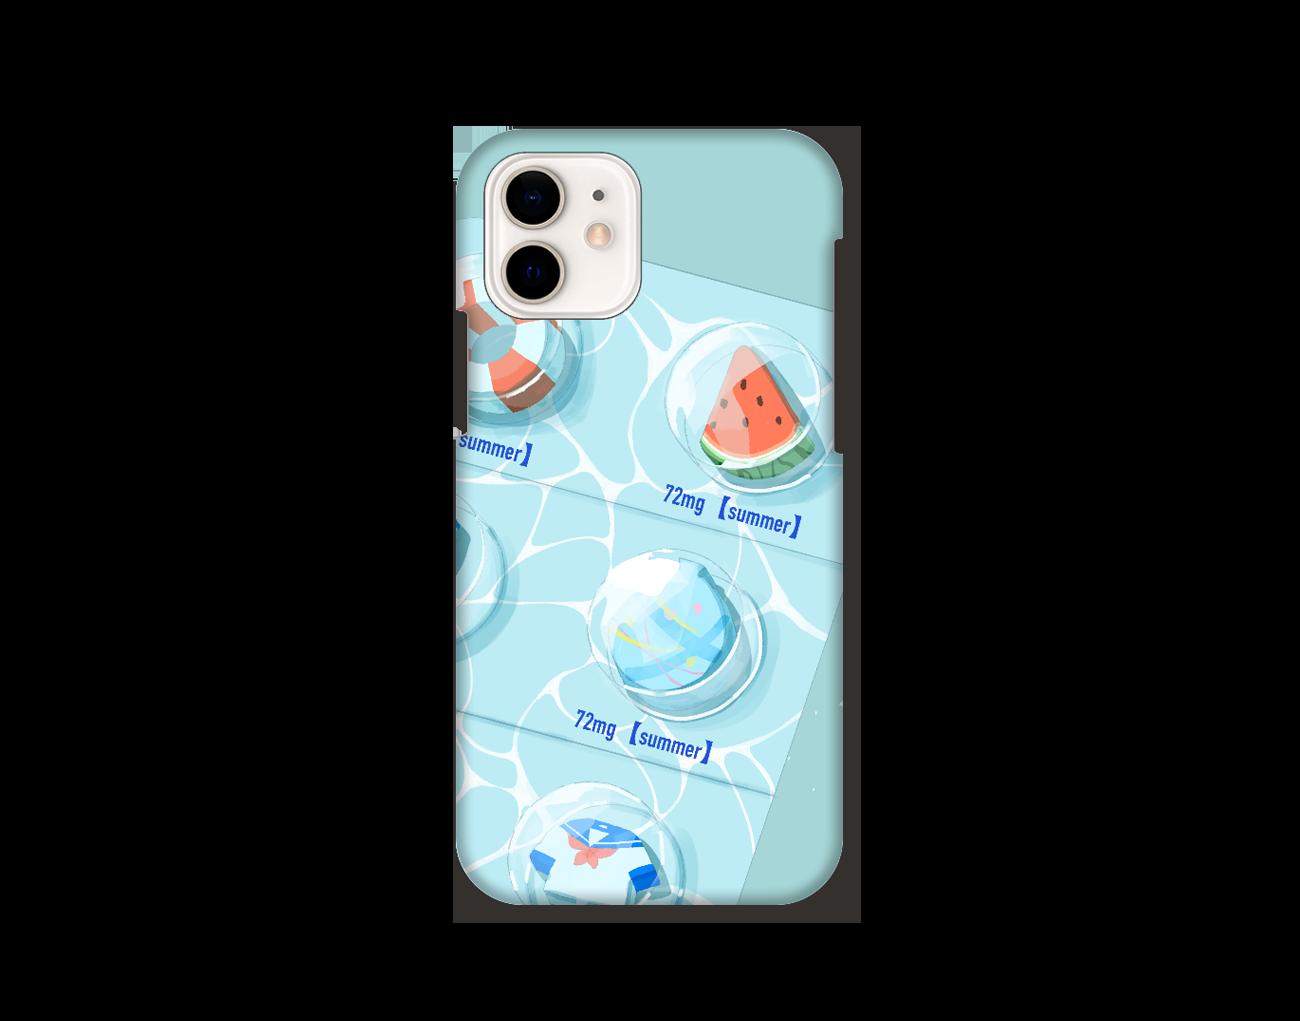 【オリラボマーケット限定】用法、用量を守って夏をお楽しみください。 スマホケース iPhone12 / 12 Pro